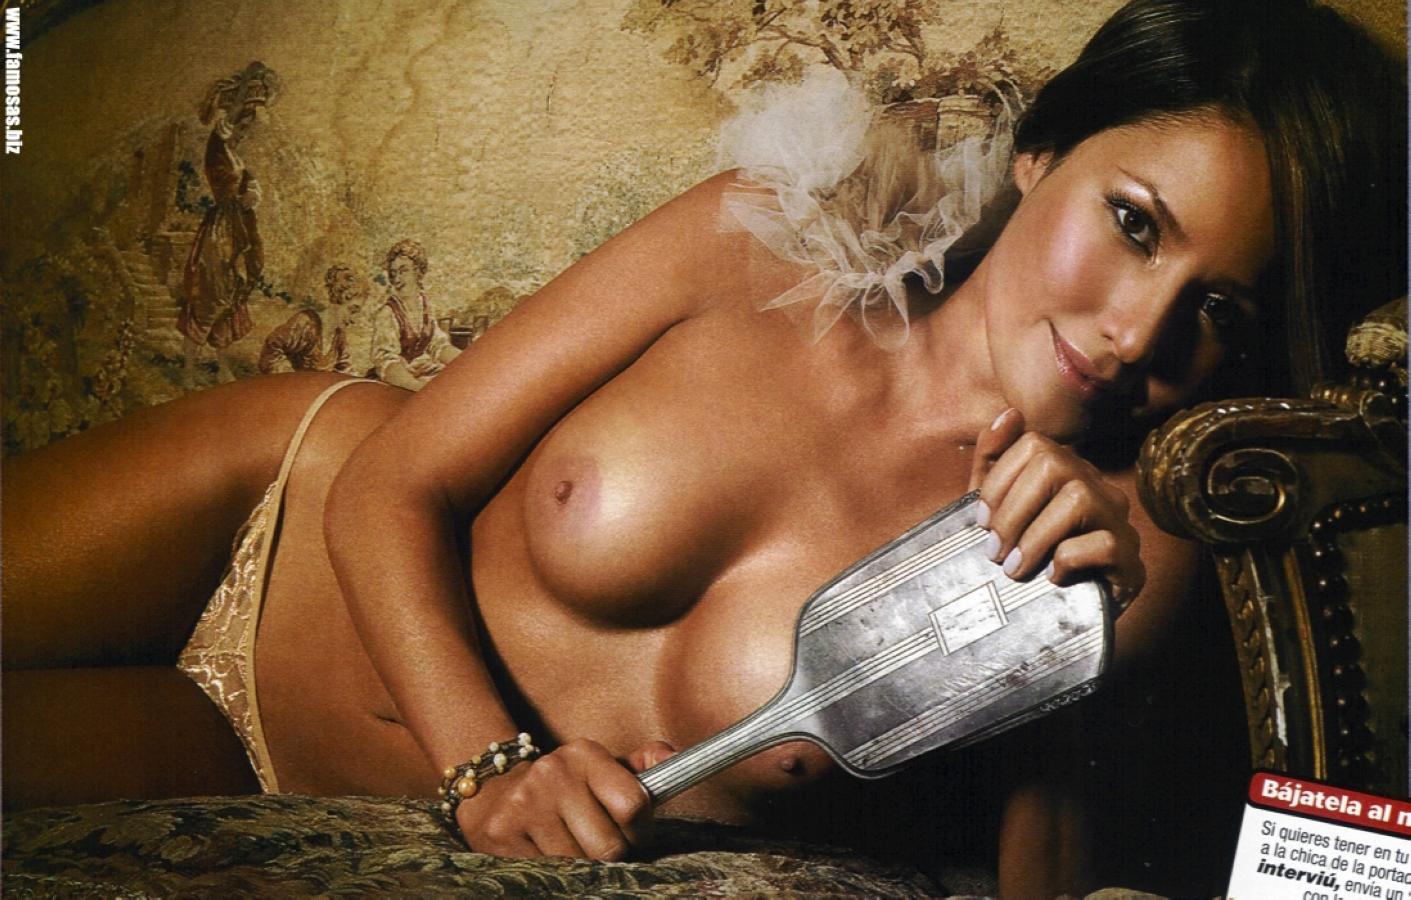 Fotos De La Actriz Colombiana Liliana Salazar Para Revista Interviu